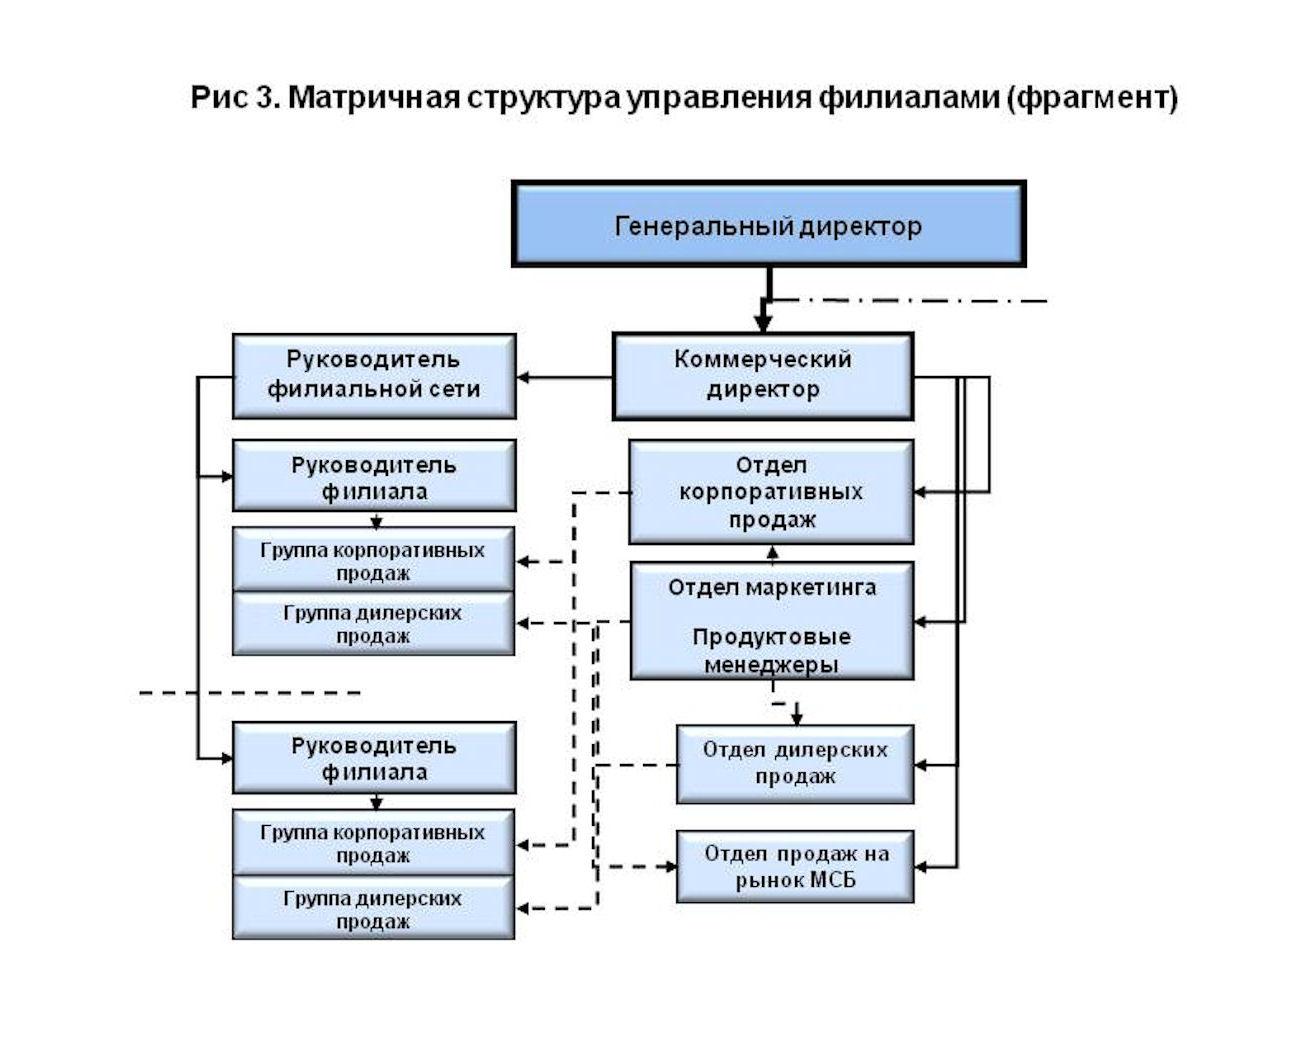 стратегии формирования здорового образа жизни населения